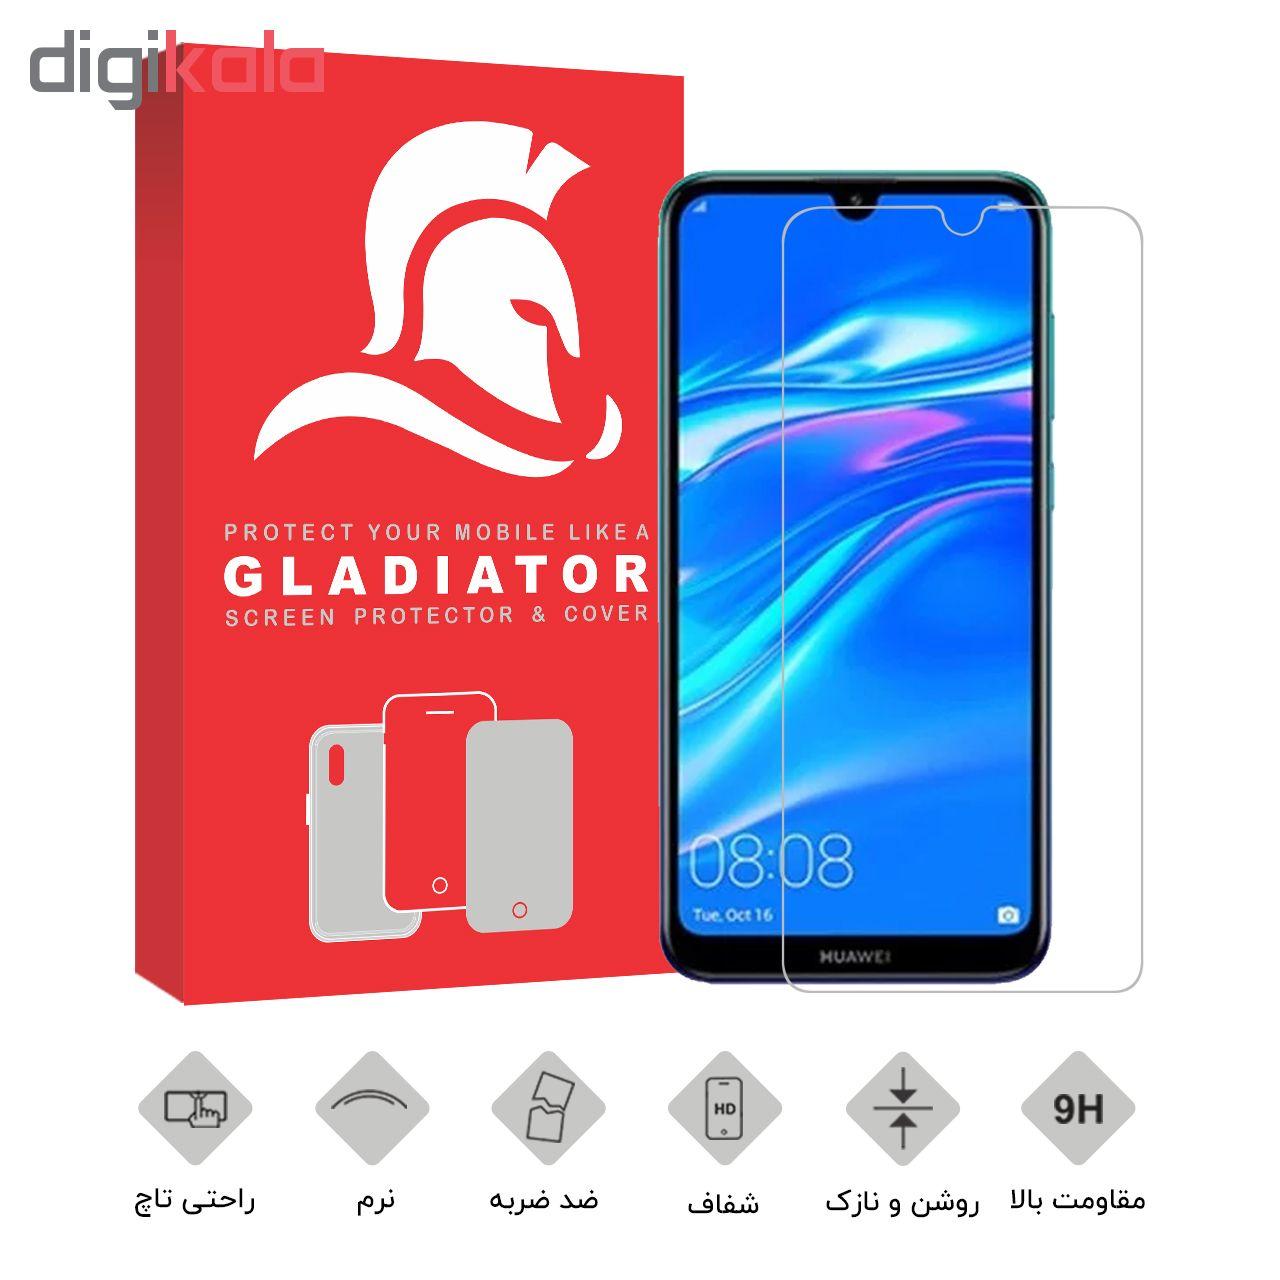 محافظ صفحه نمایش گلادیاتور مدل GLH2000 مناسب برای گوشی موبایل هوآوی Y7 Prime 2019 بسته دو عددی main 1 2